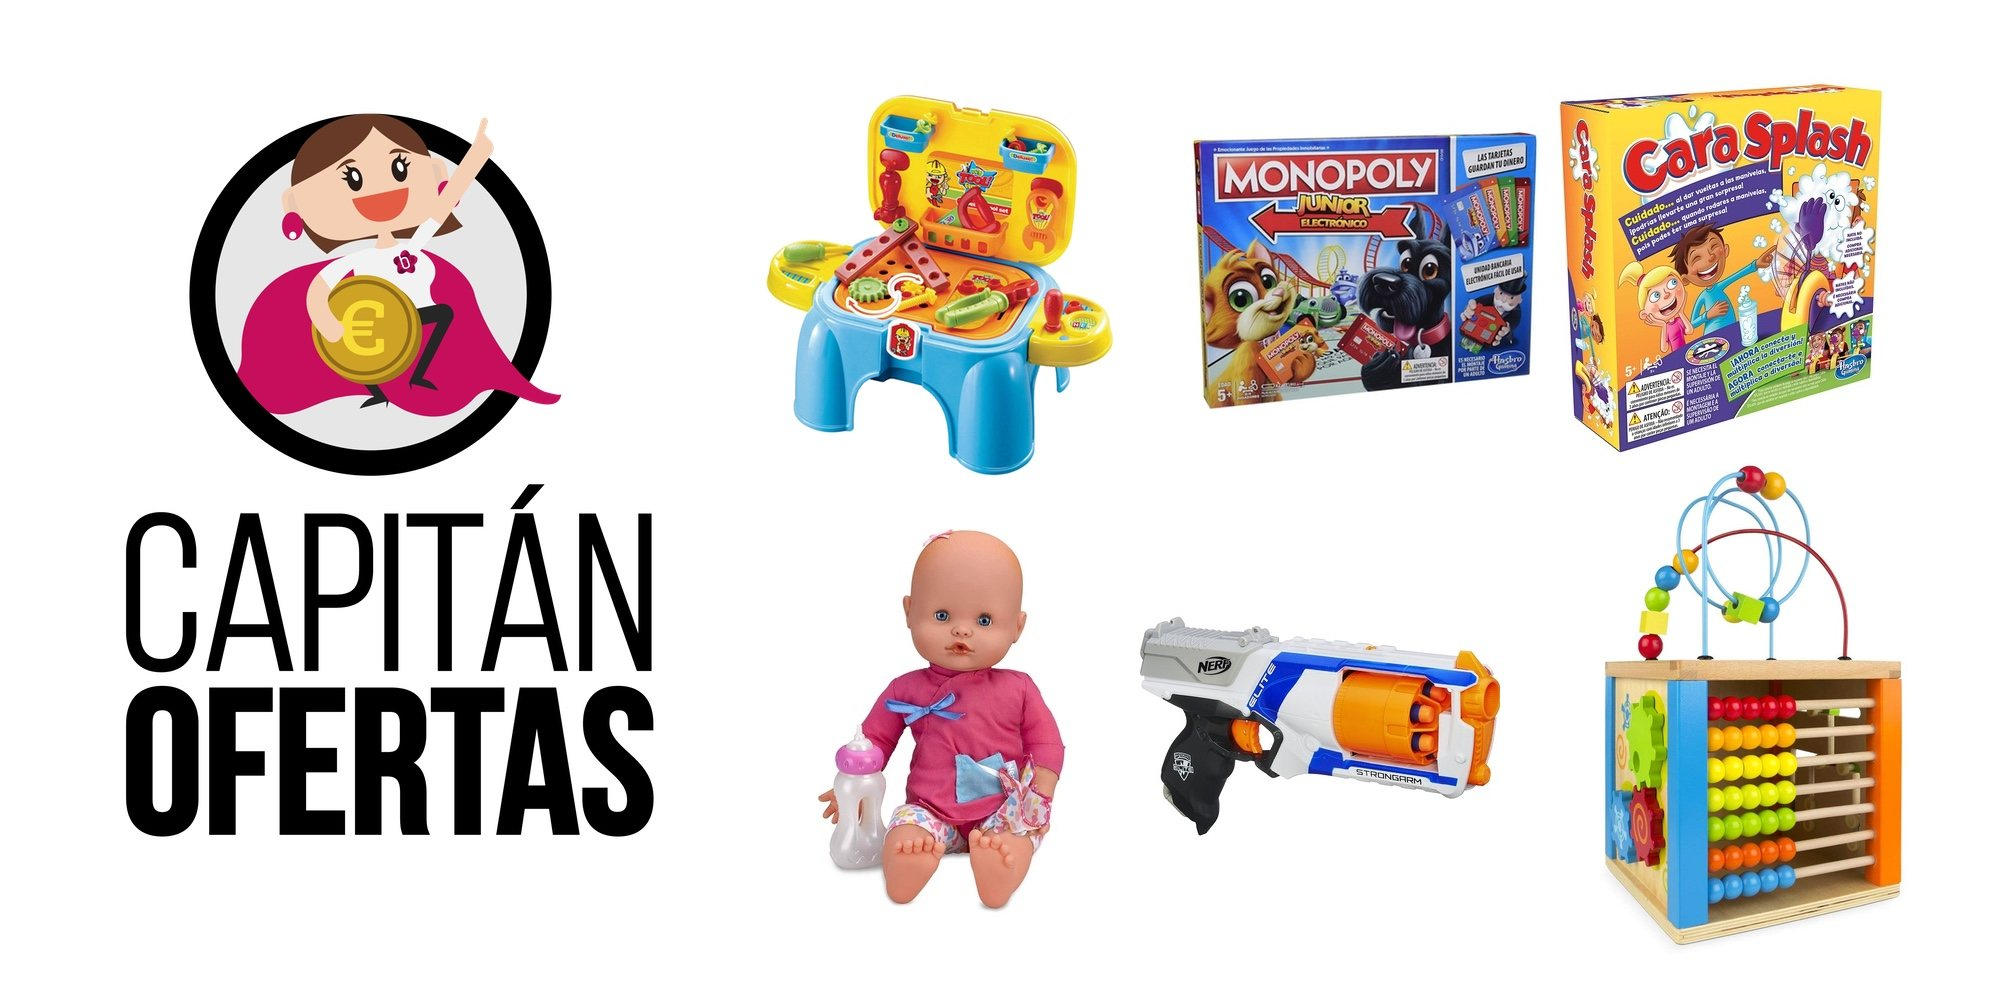 Capitán ofertas trae los mejores productos para la búsqueda de regalos de los peques de la casa